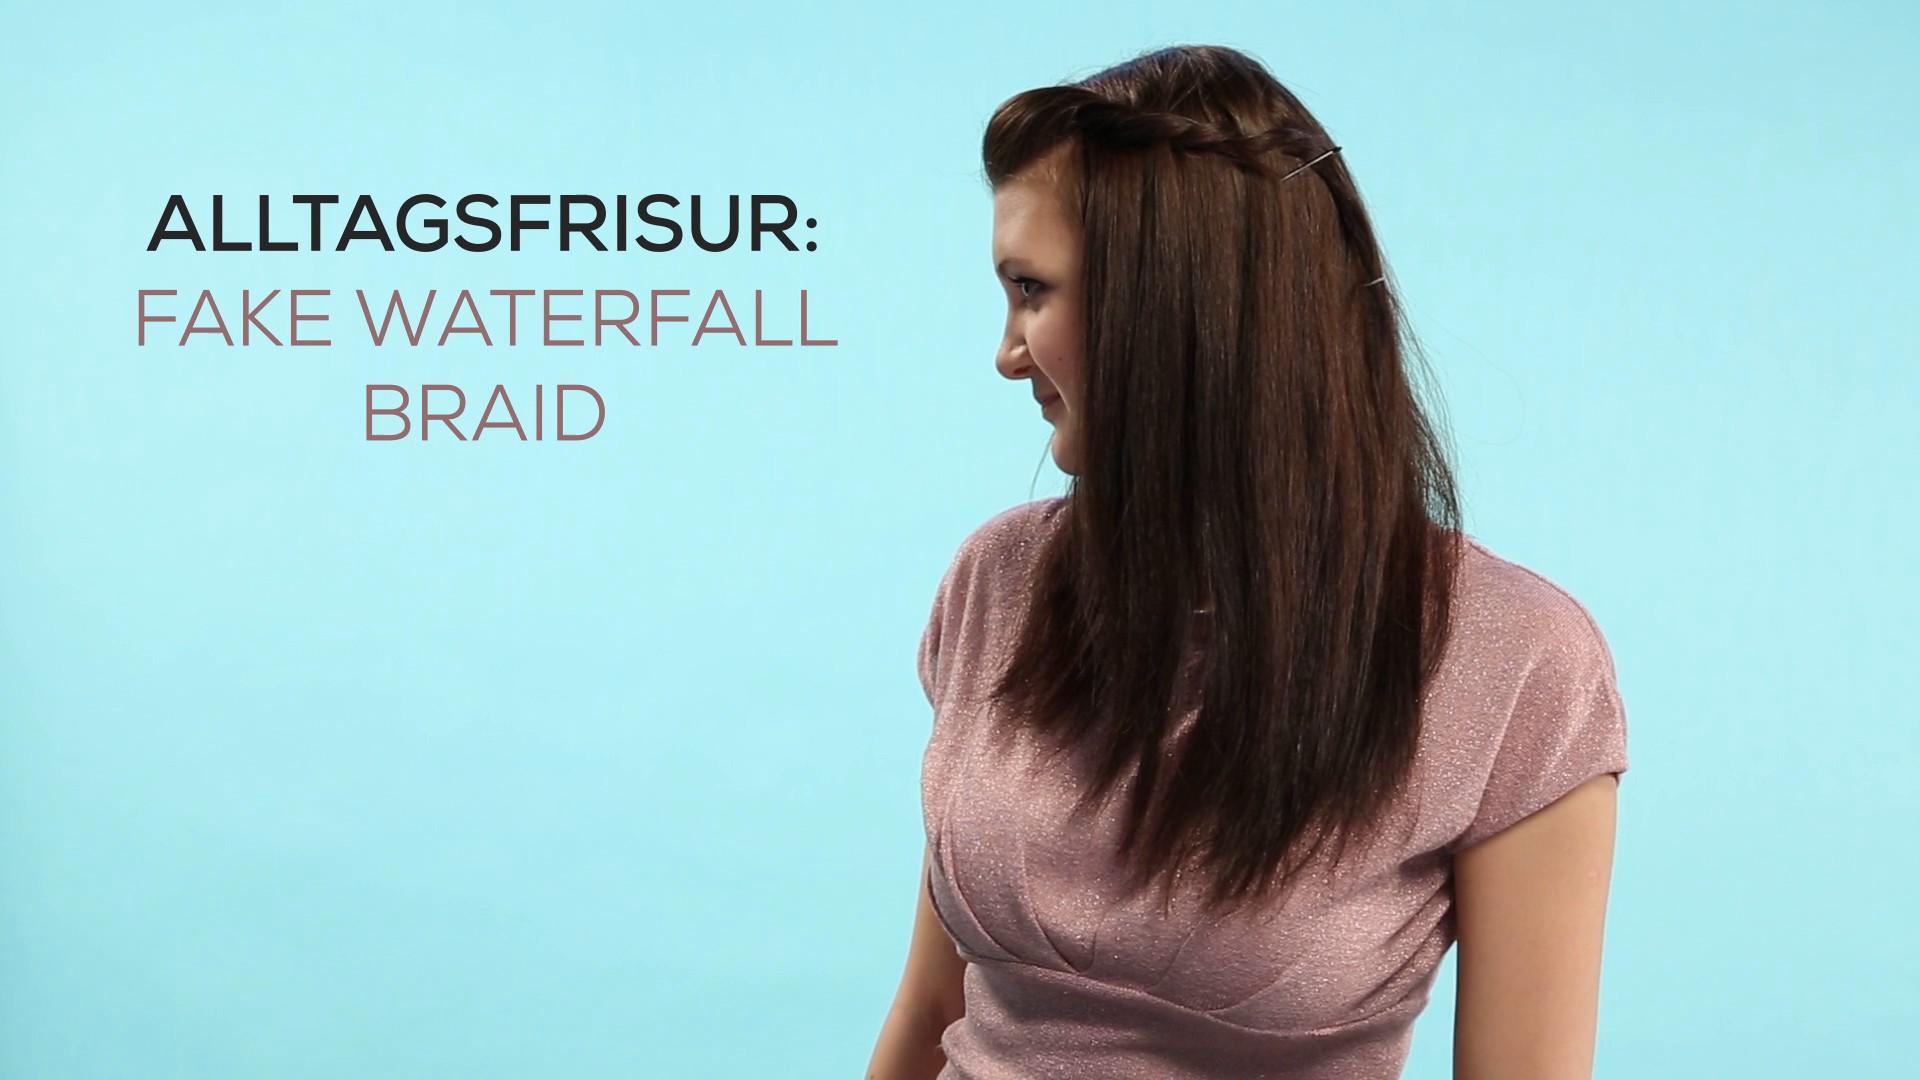 Frisuren für den Alltag- Fake Waterfall Braid_EL.mp4: image 0